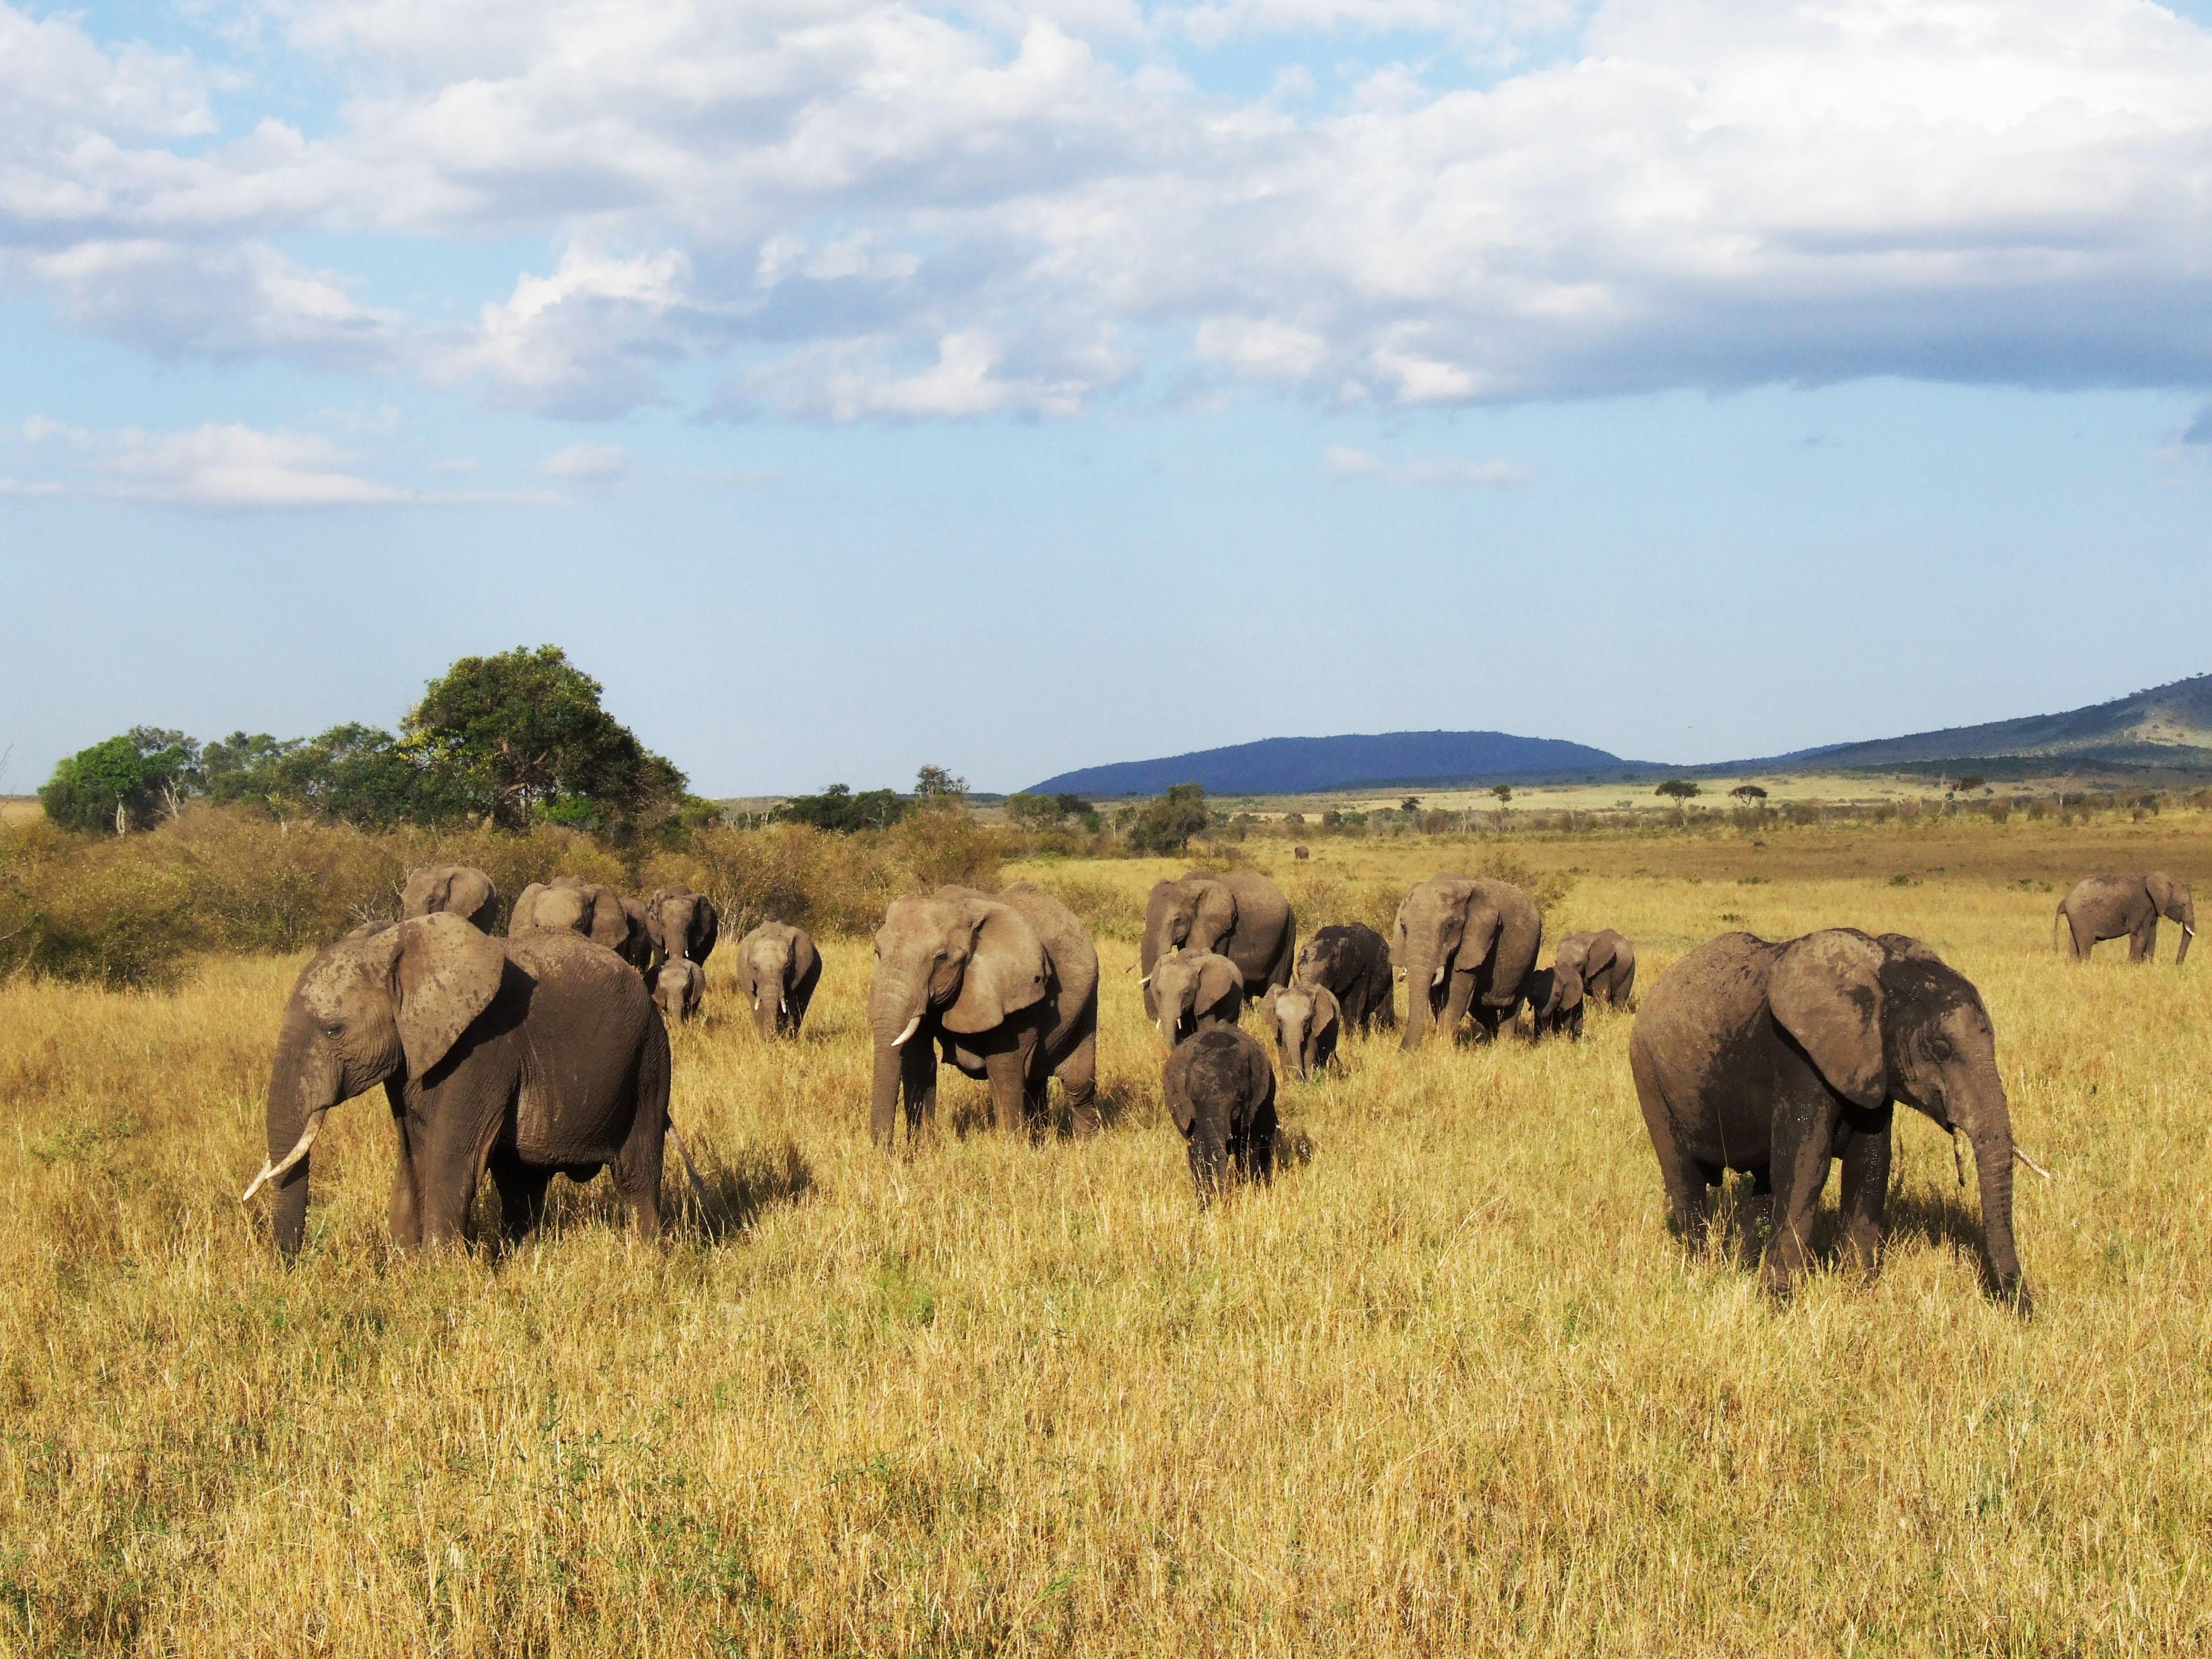 Elephant, Savannah Elephant, Wild Elephant live, Kenya, 2010 (c) EIA image (Luke Pickering)